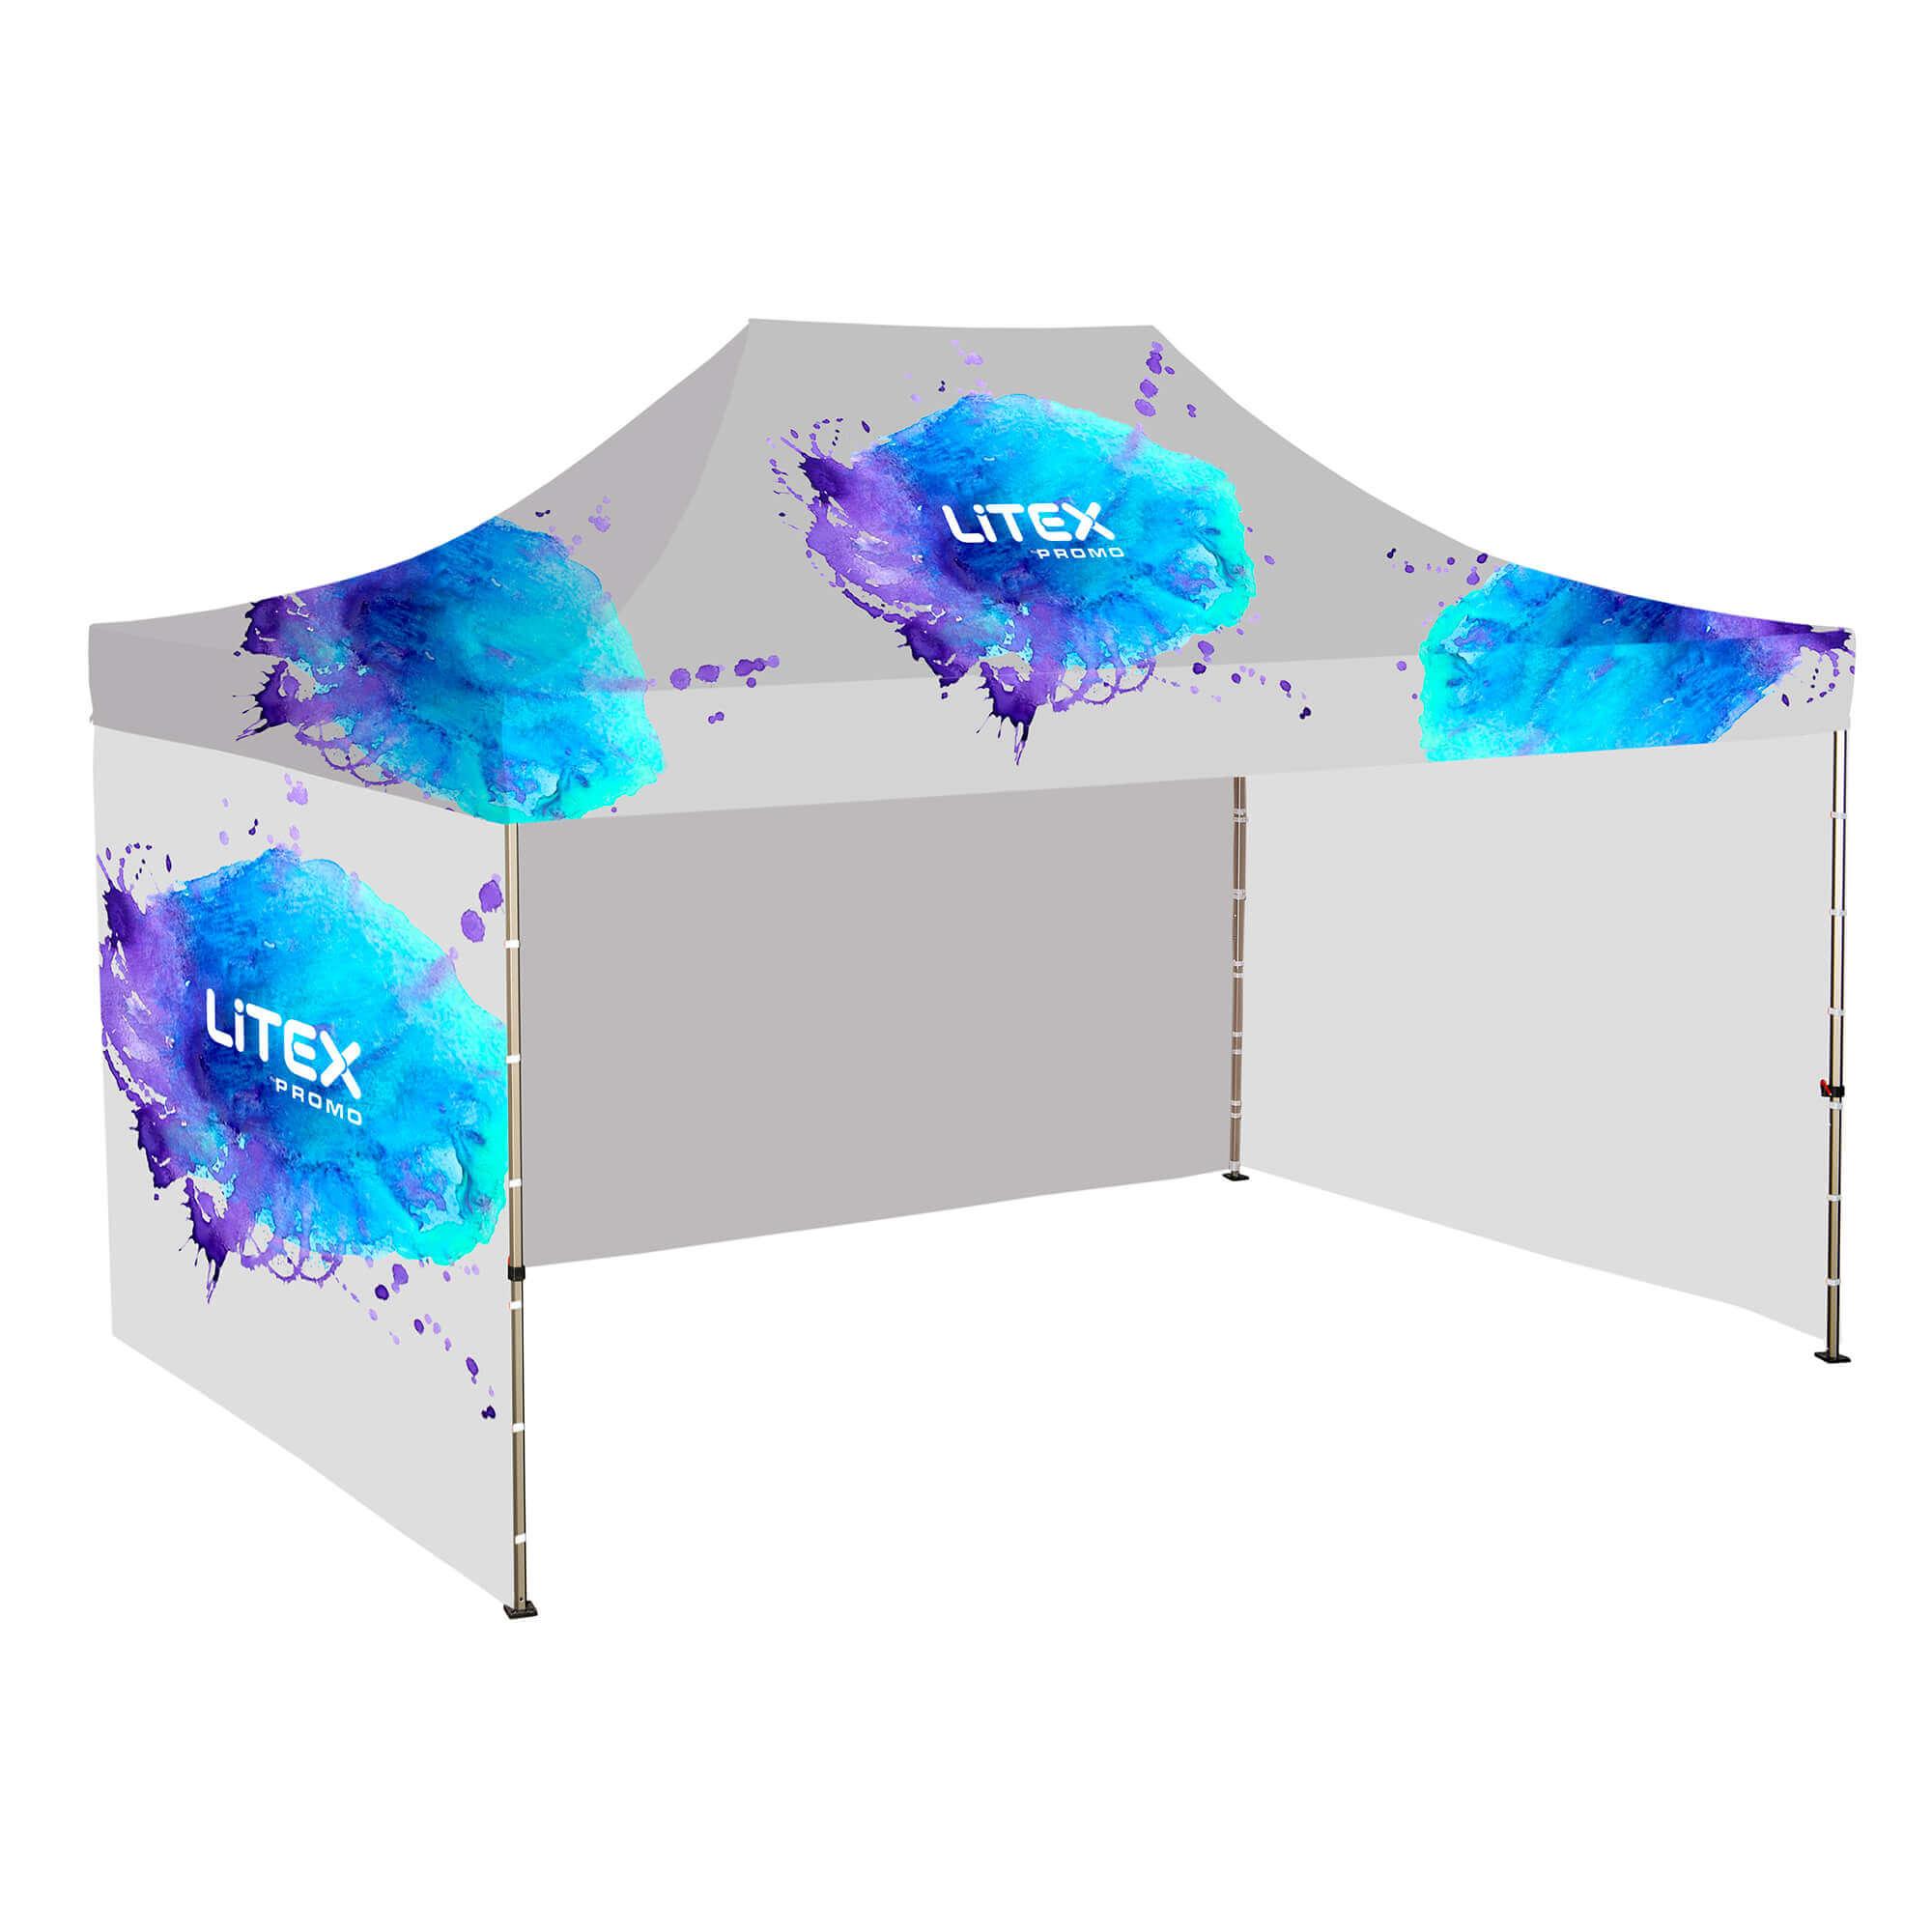 2. Namiot Szybkorozkładalny 3x4,5m - ze ścianami